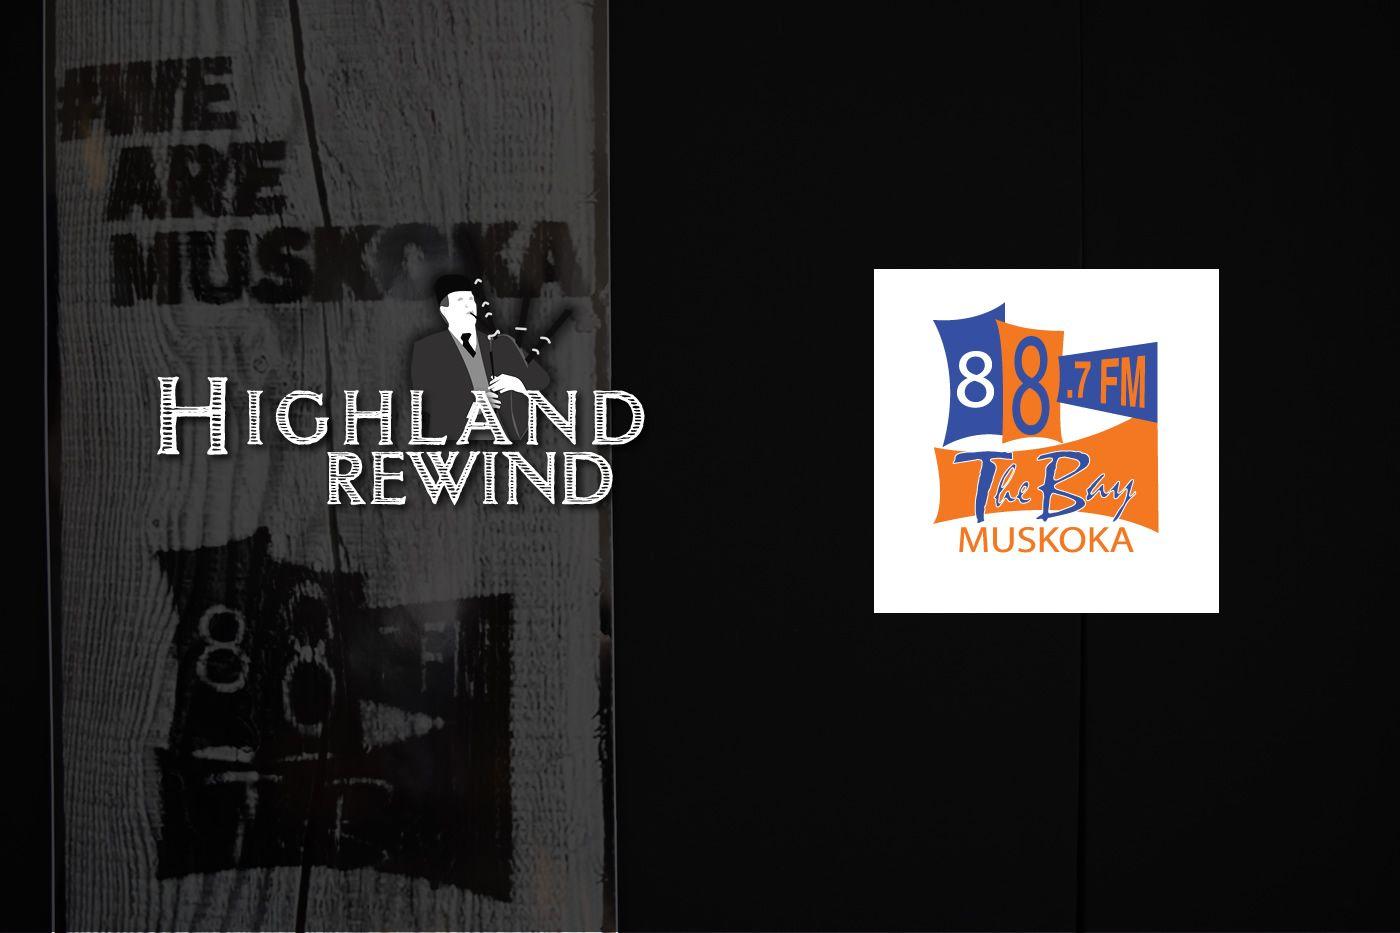 Highland Rewind